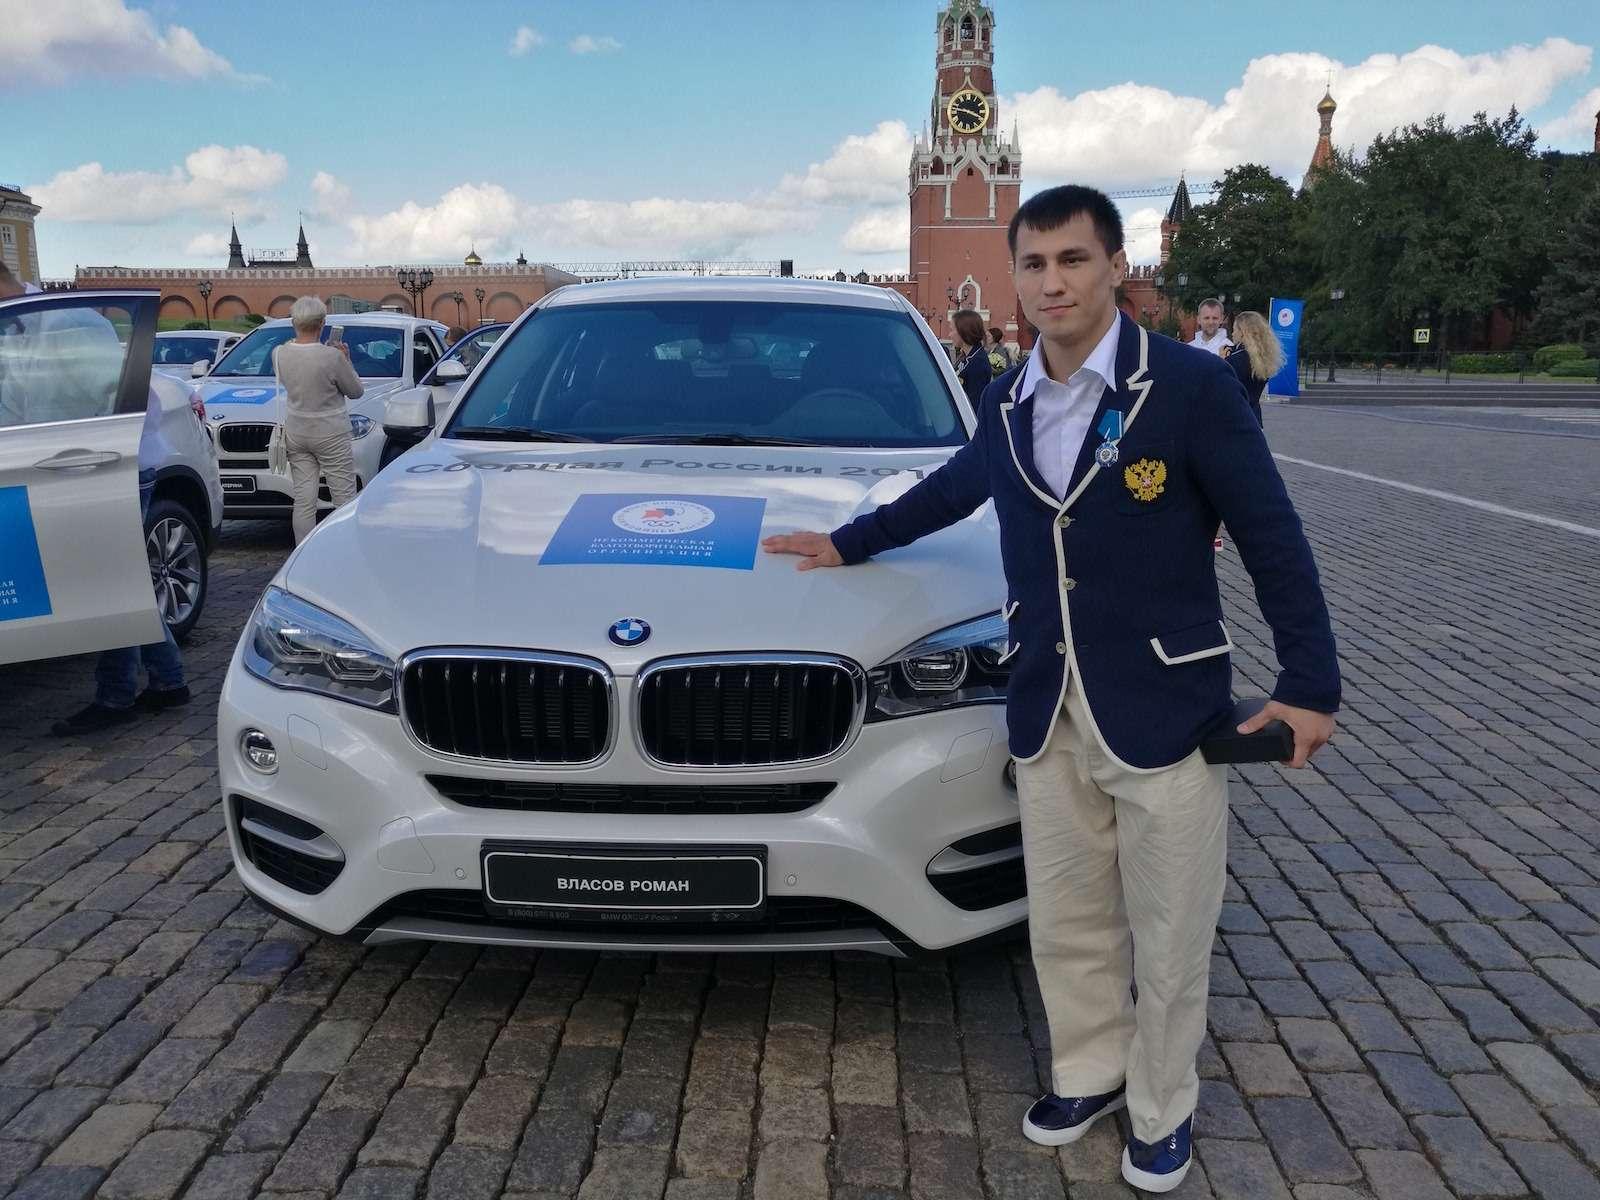 Российские призеры Рио-2016 получили поBMW— фото 624879